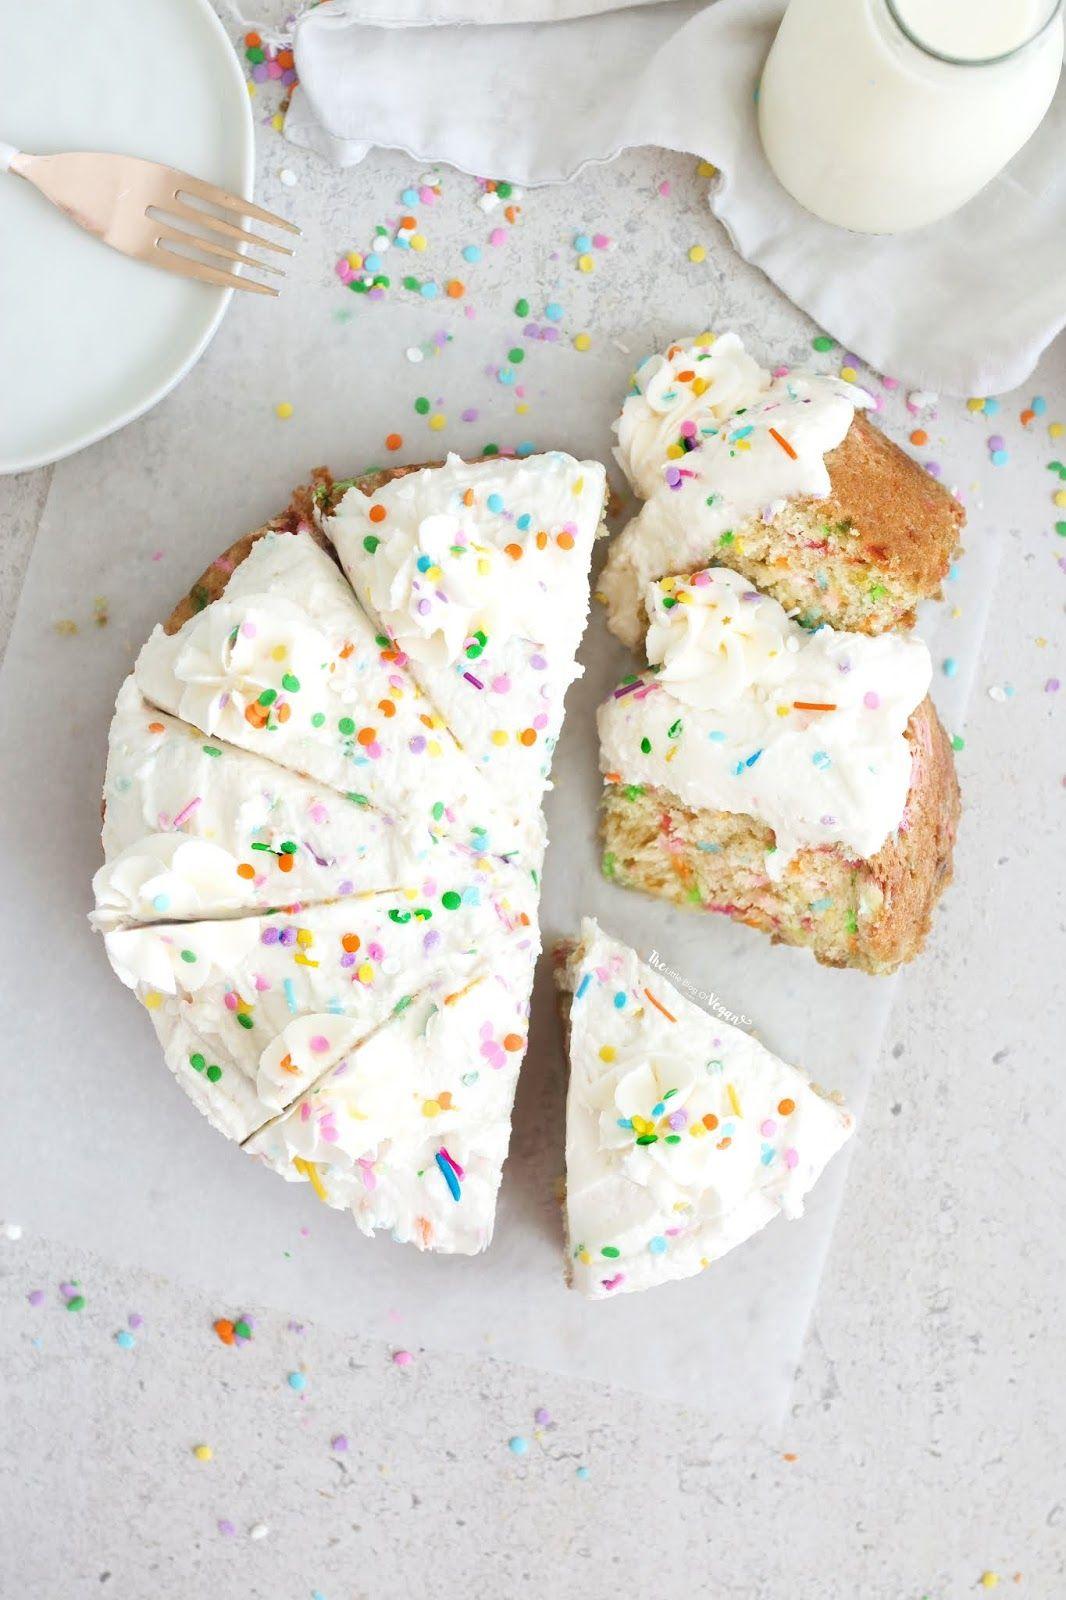 Easy vegan funfetti cake recipe in 2020 vegan funfetti